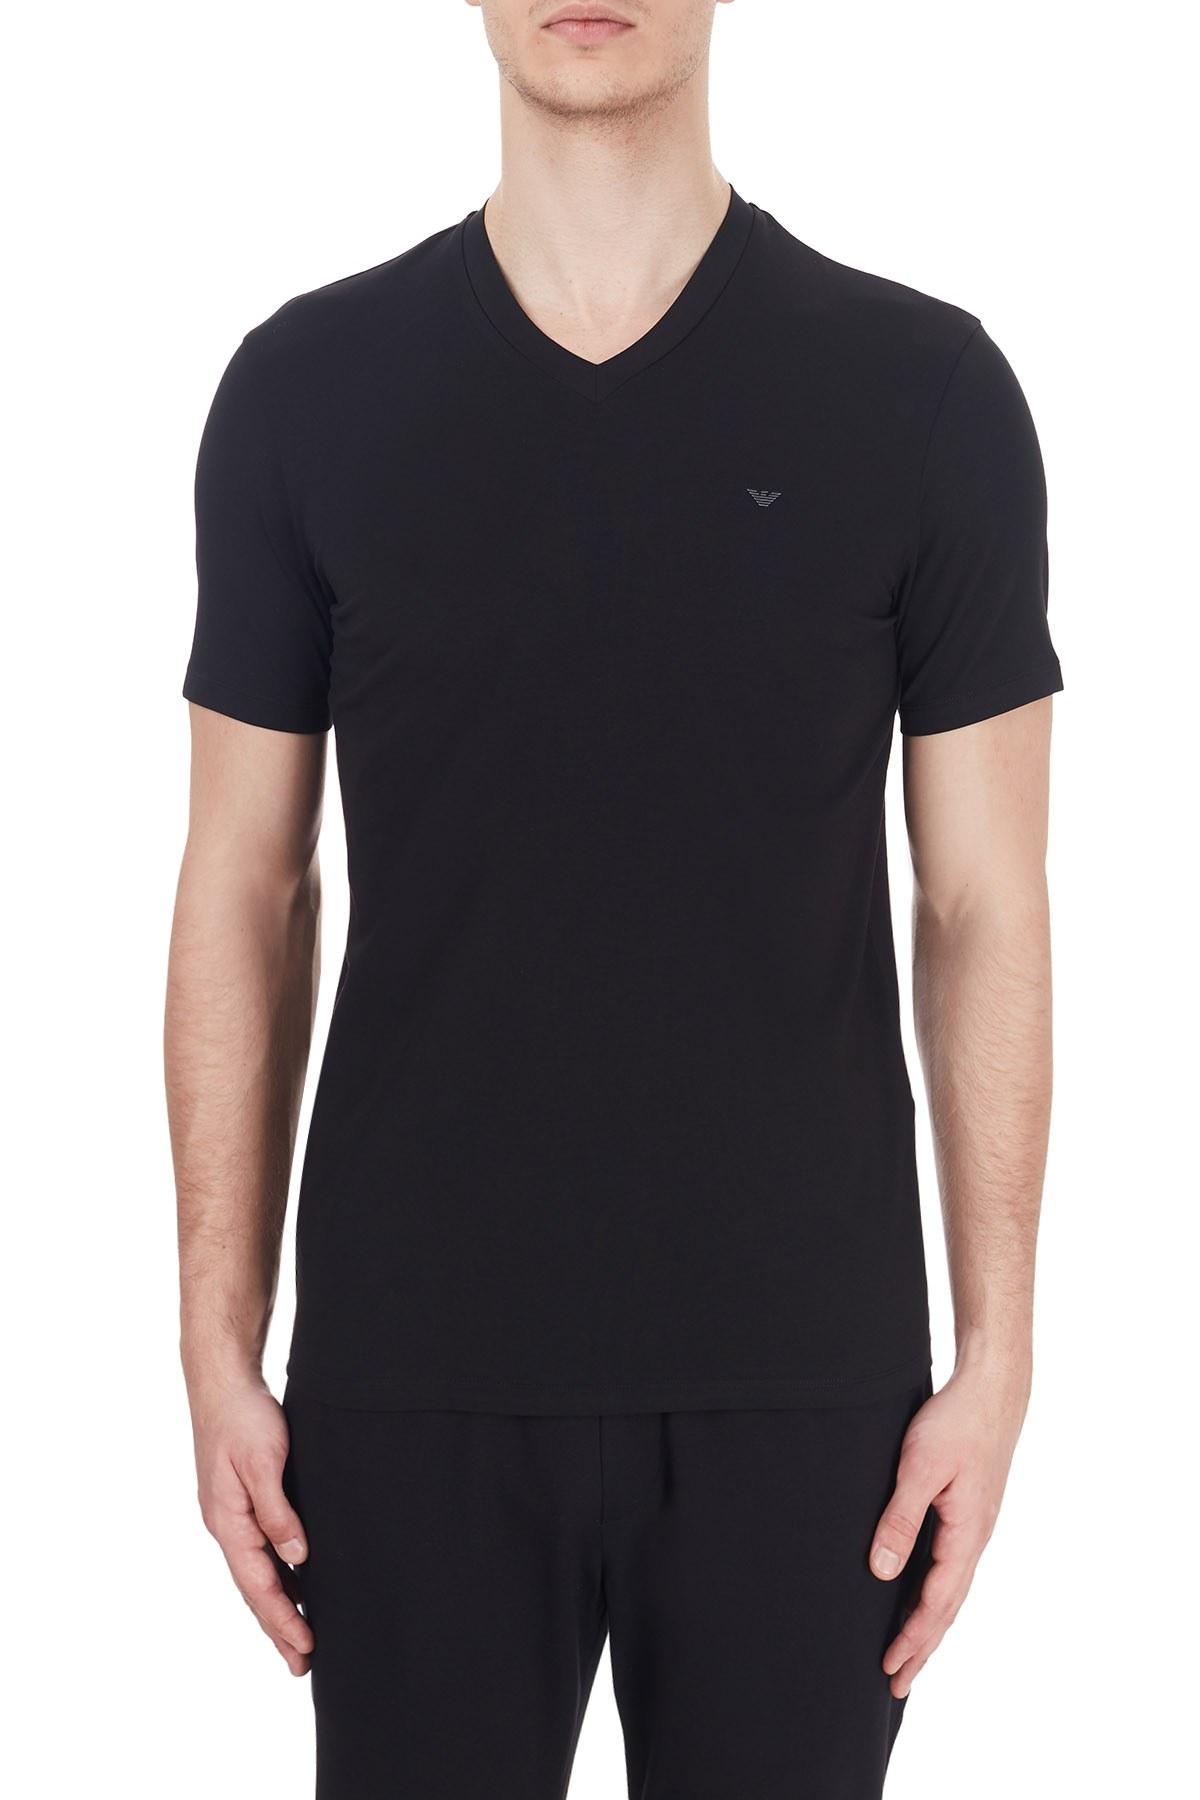 Emporio Armani V Yaka Pamuklu Erkek T Shirt 6H1TS1 1JJRZ 0999 SİYAH